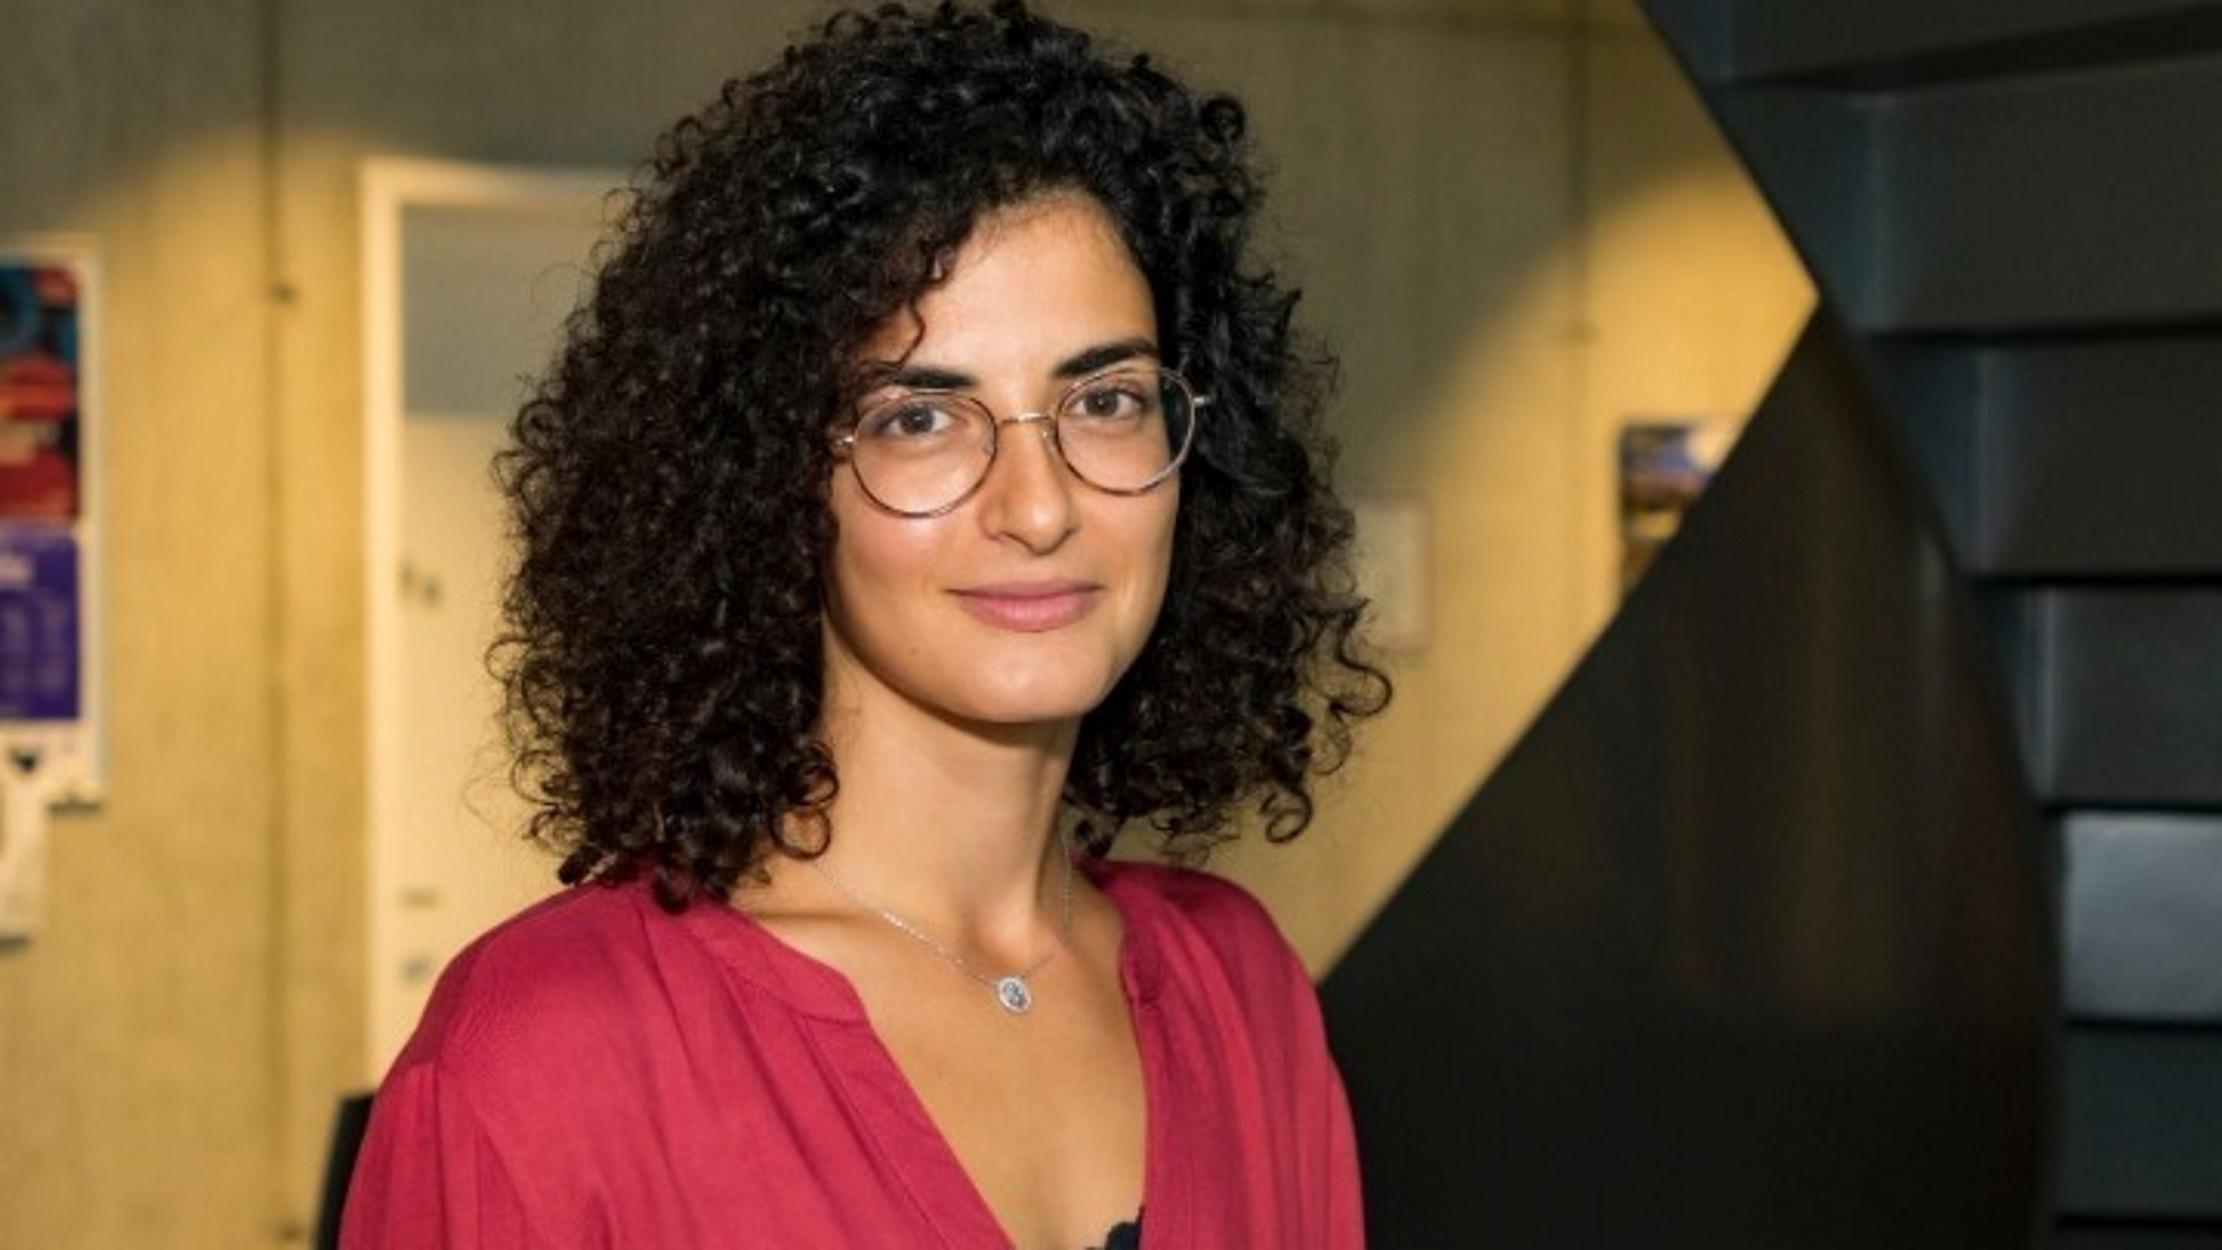 Στην Ελληνίδα βιοχημικό Αννίτα Λουλούπη γερμανικό επιστημονικό βραβείο